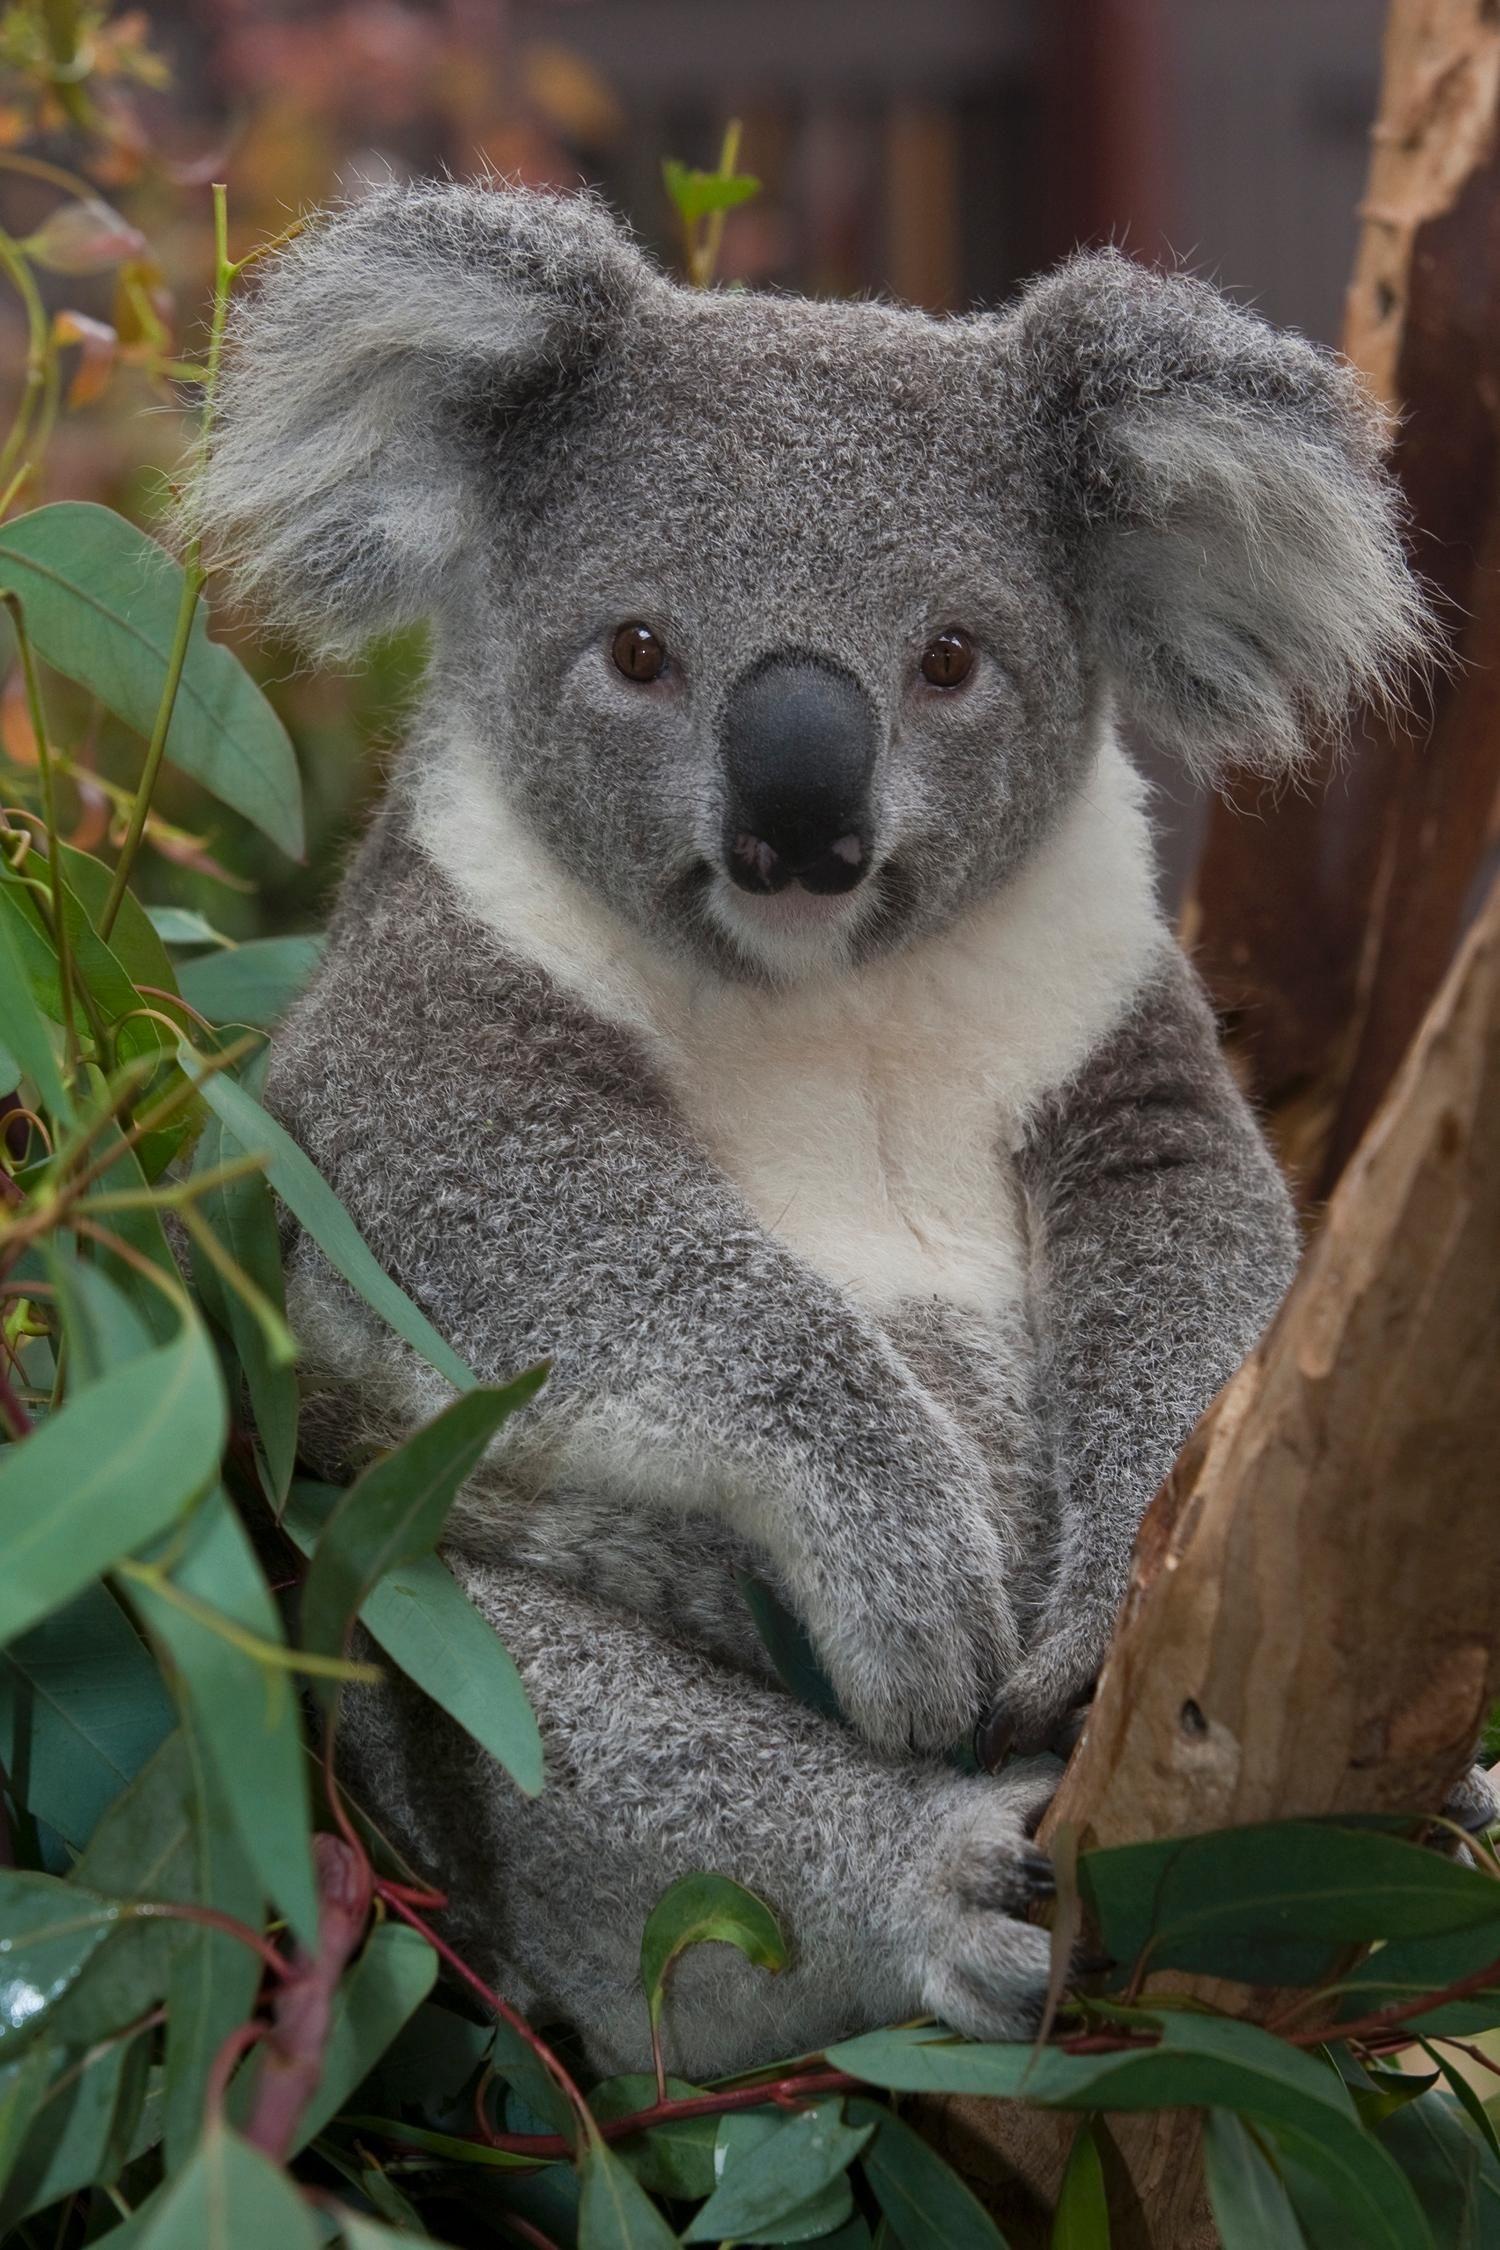 Koala | Most people know of koalas as those cute little ...